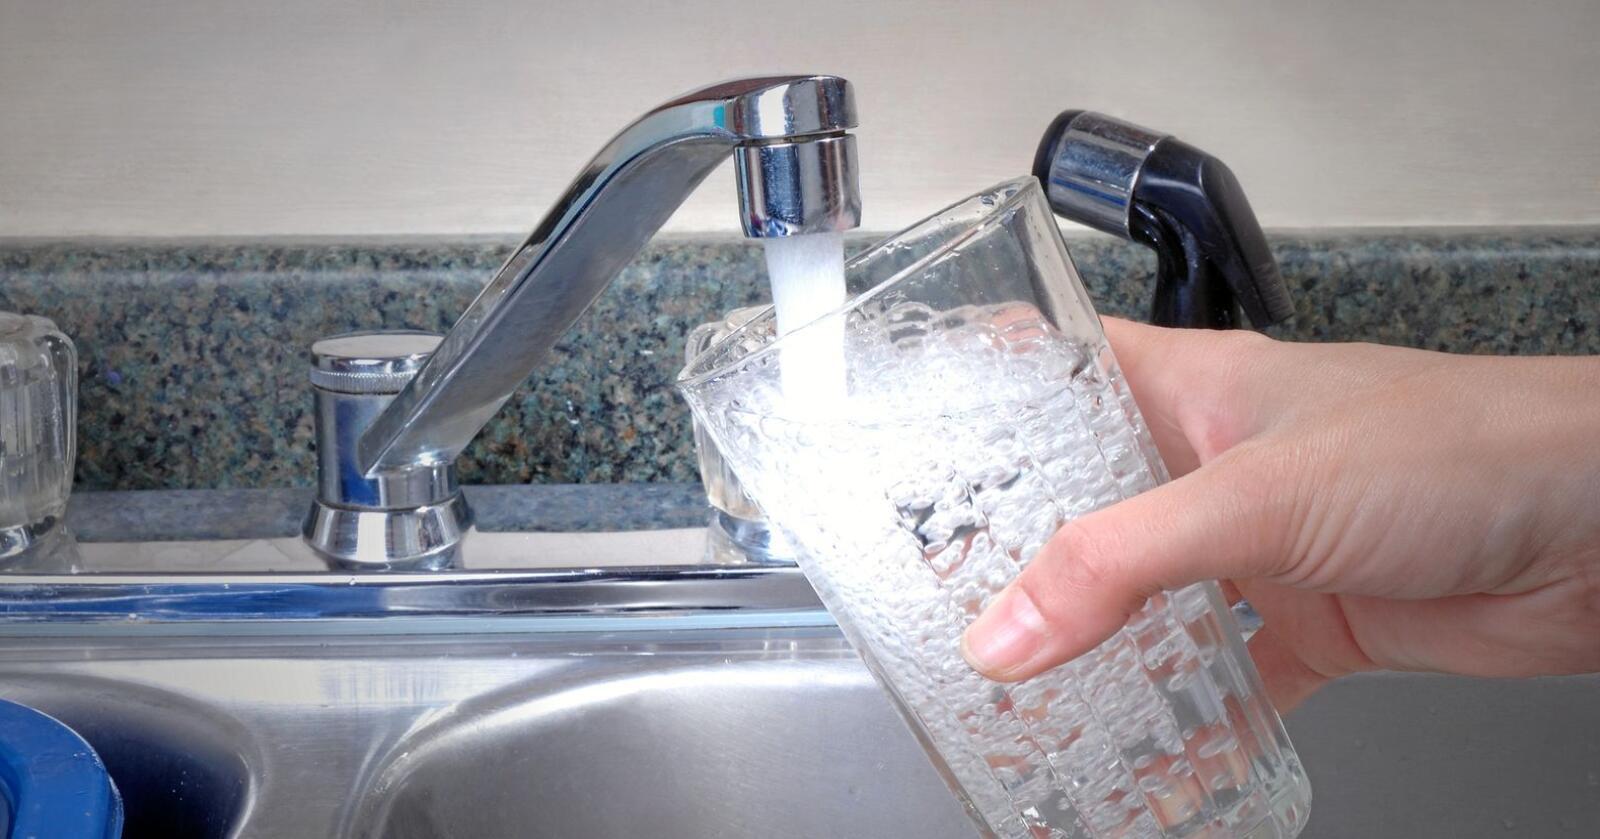 Hvis vannet ikke blir godt nok renset på veien fra drikkevannskilden, kan det bli farget, få endret lukt og smak.Foto: Mostphotos